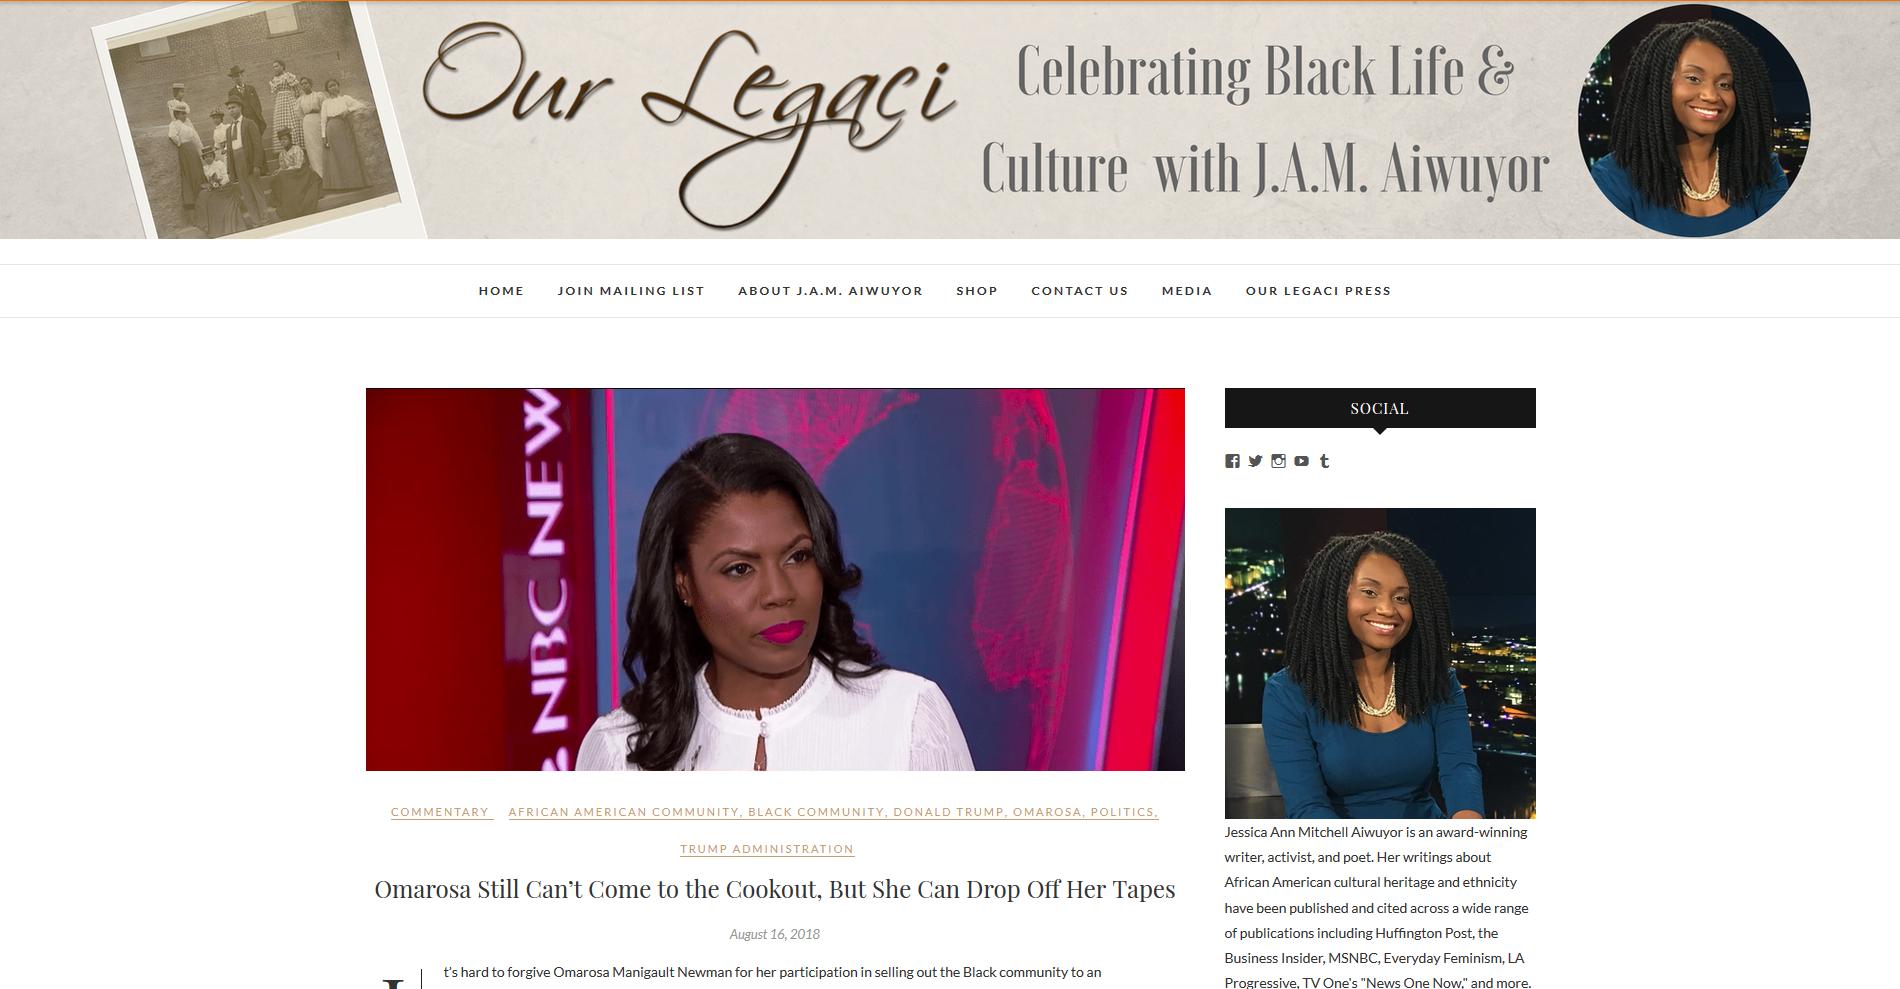 OurLegaci.com est le site de Jessica Ann Mitchell Aiwuyor, jeune Afro-américaine qui valorise la culture noire aux Etats-Unis via son blog et ses participations à des émissions.